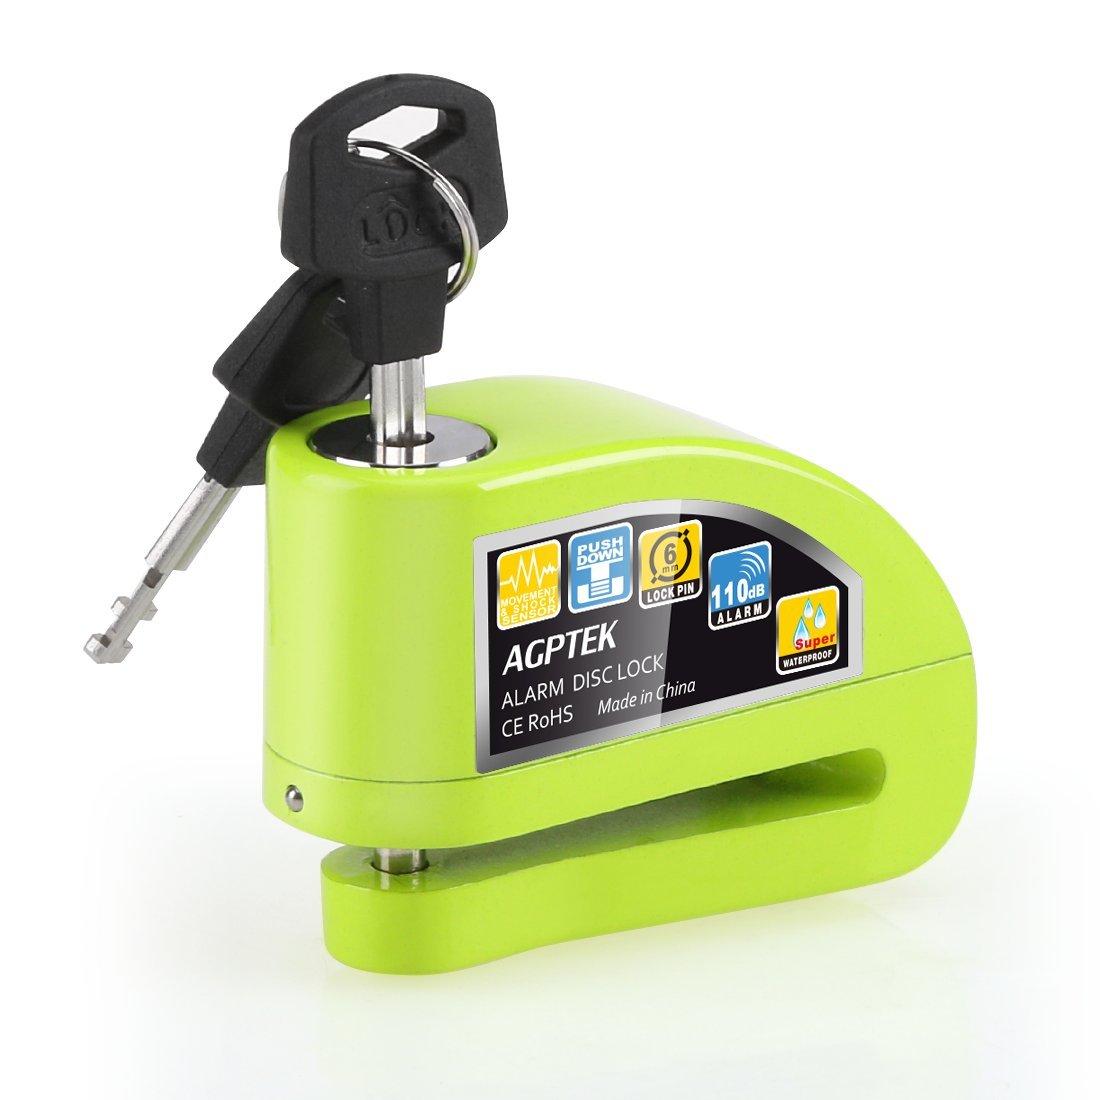 AGPTEK Kit de Alarme Moto Antivol, Serrure avec Alarme +1.5m Câble Antivol(vert) Sécurité à Ressort, Bloque Disque pour Moto, Vélo, VTT Scooter,Certifié par CE- MLS3 Noir Vélo Certifié par CE- MLS3 Noir